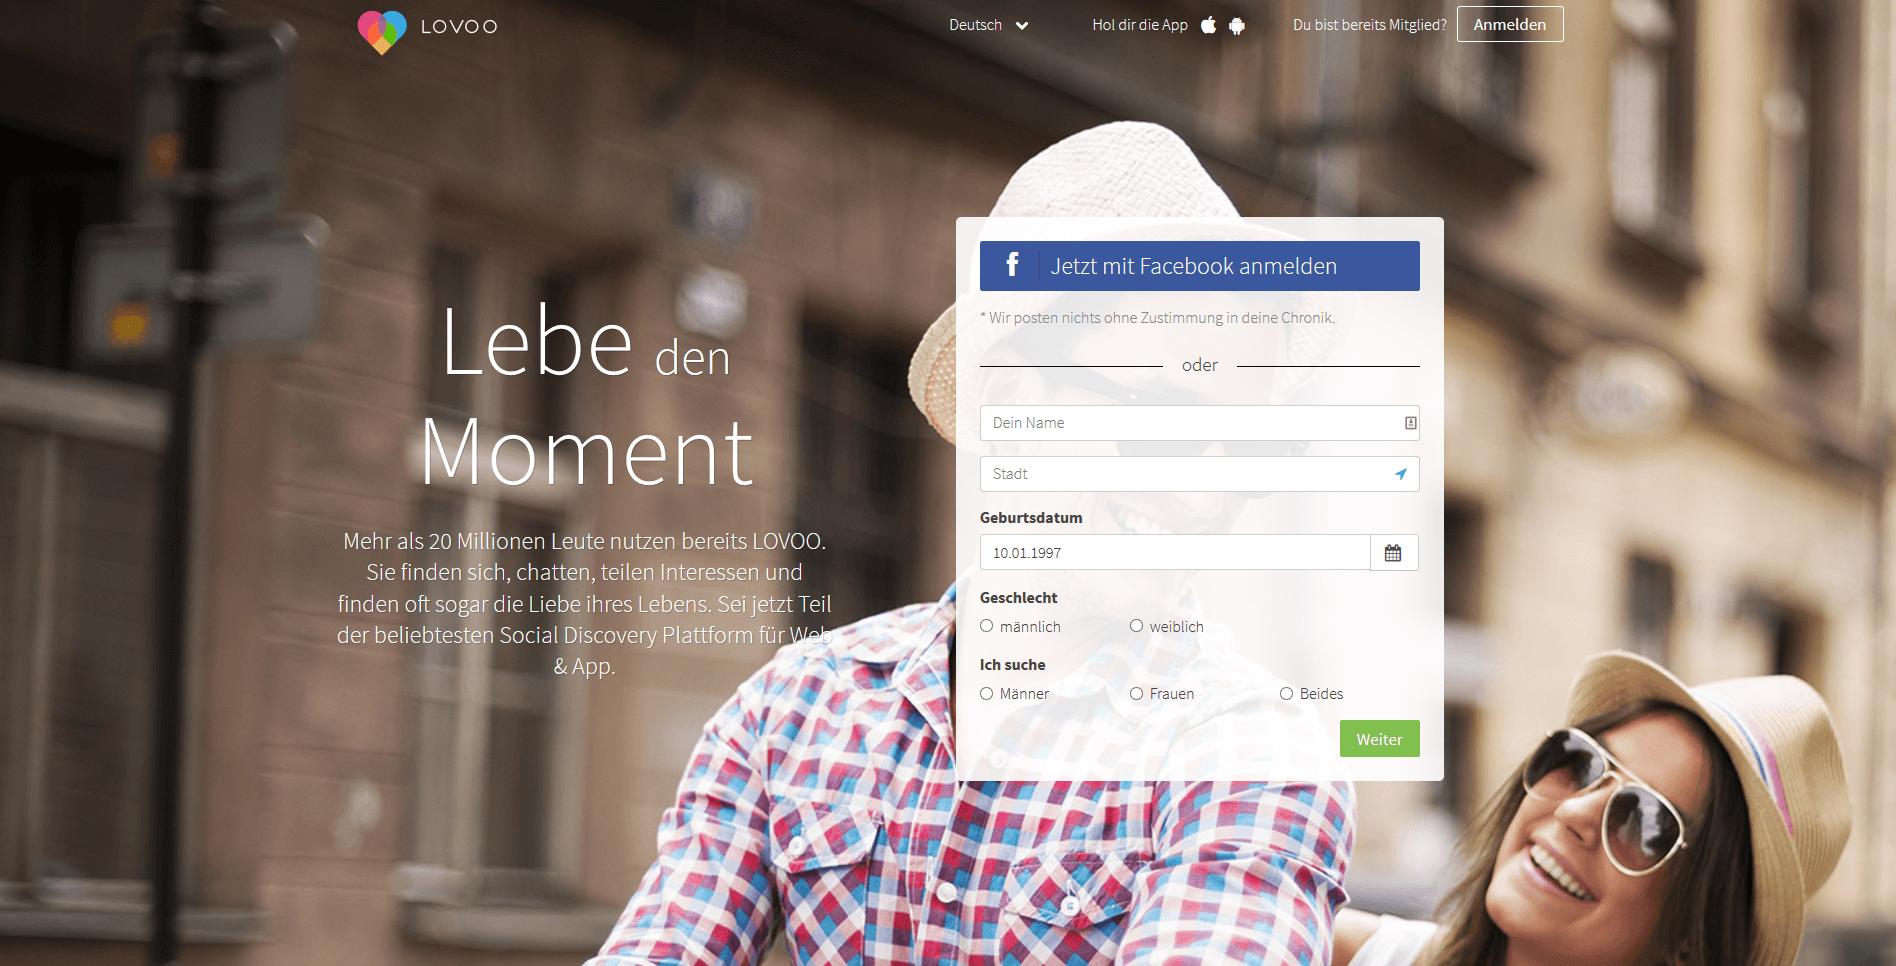 lovoo app kostenlos Siegen